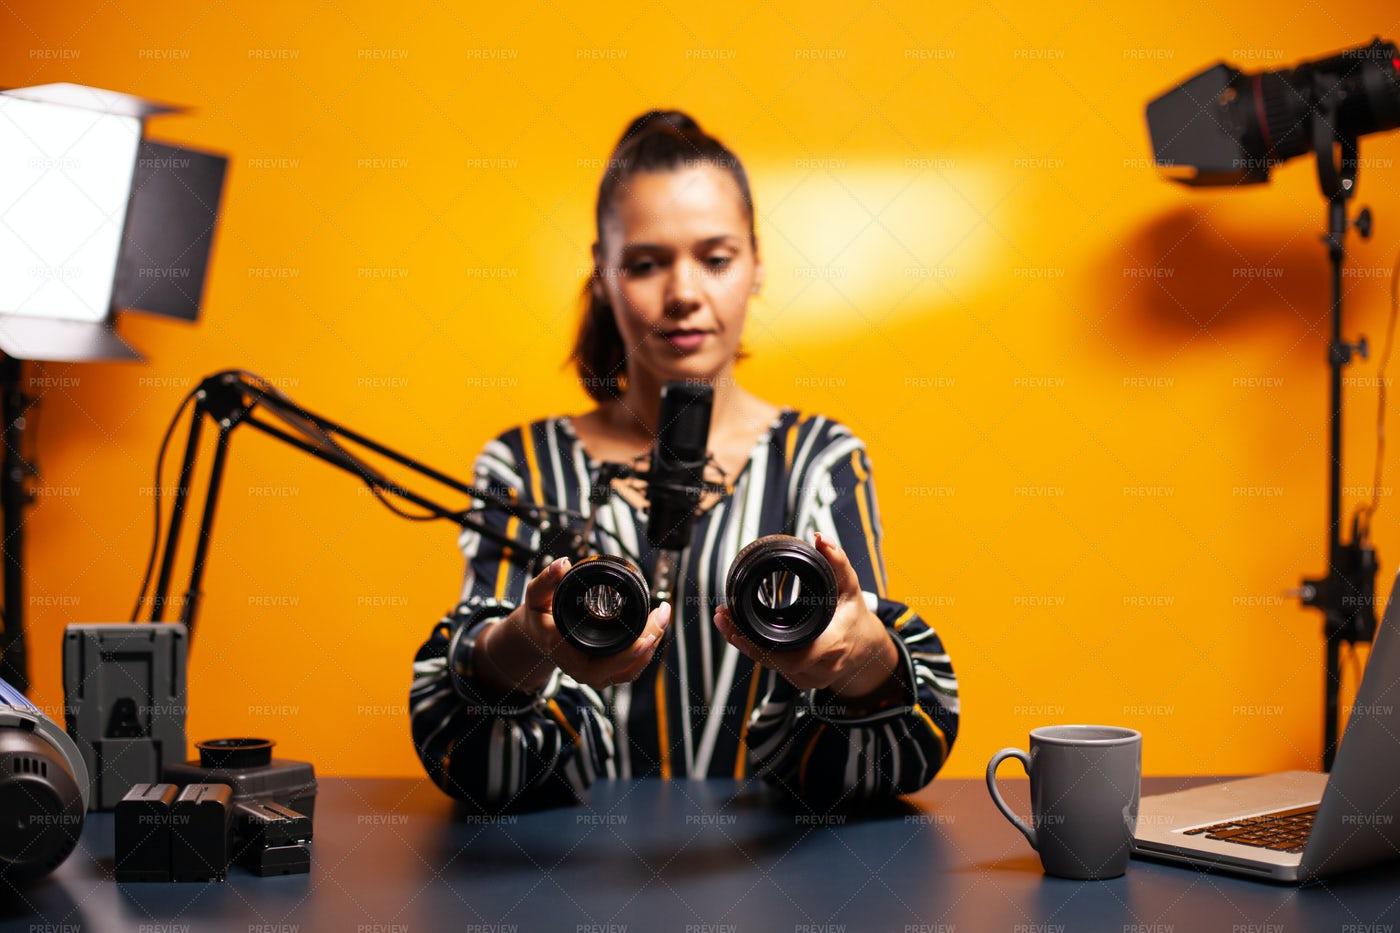 Photography Vlogger Recording Video: Stock Photos